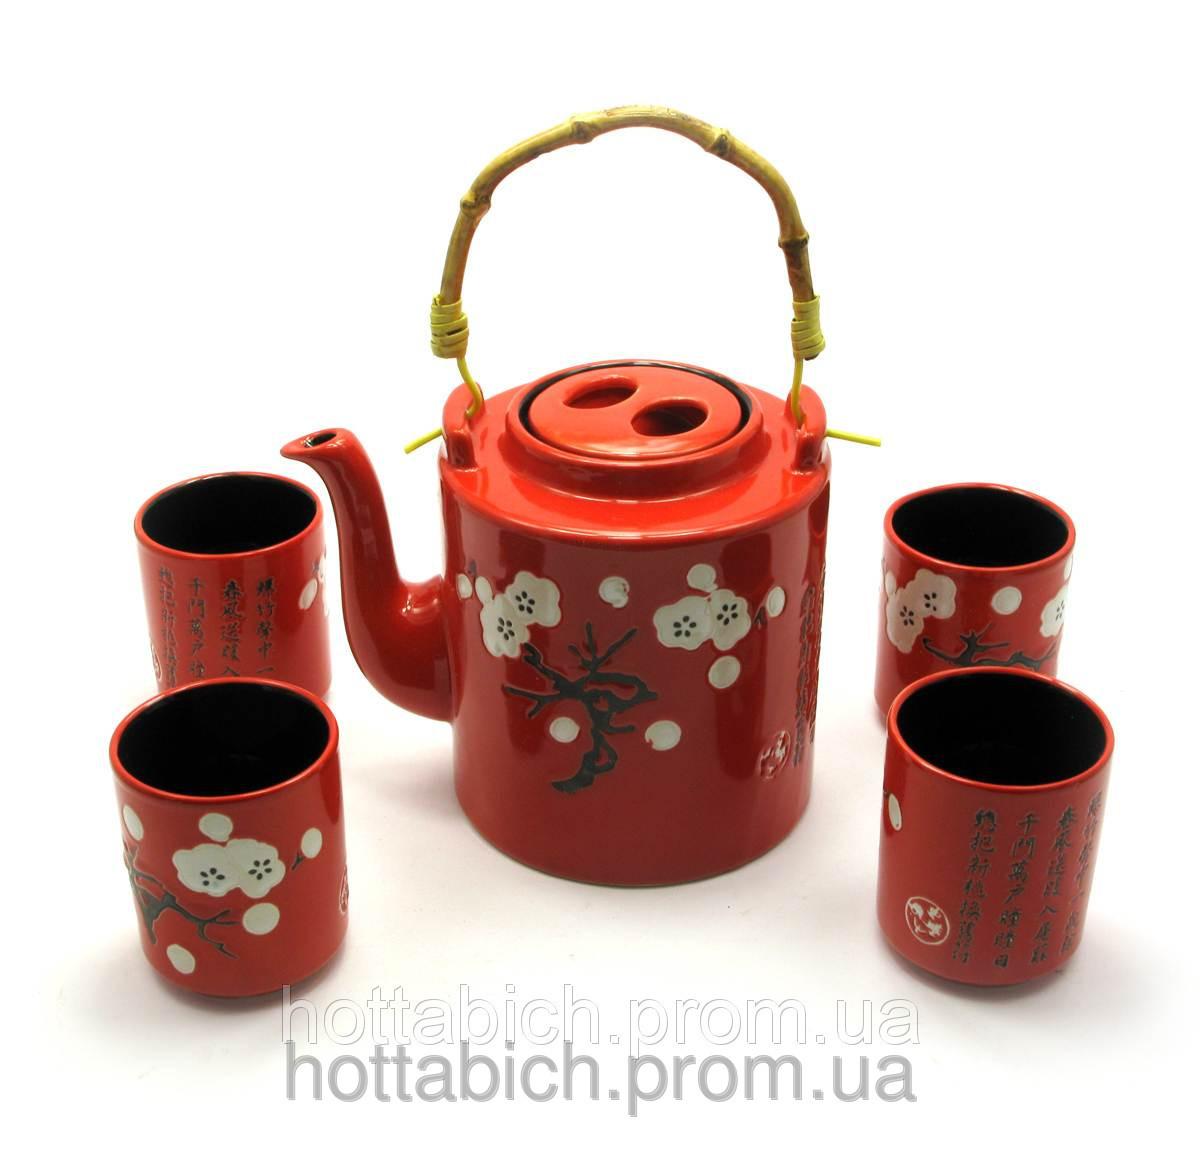 Сервиз керамический красный Сакура чайник и 4 чашки